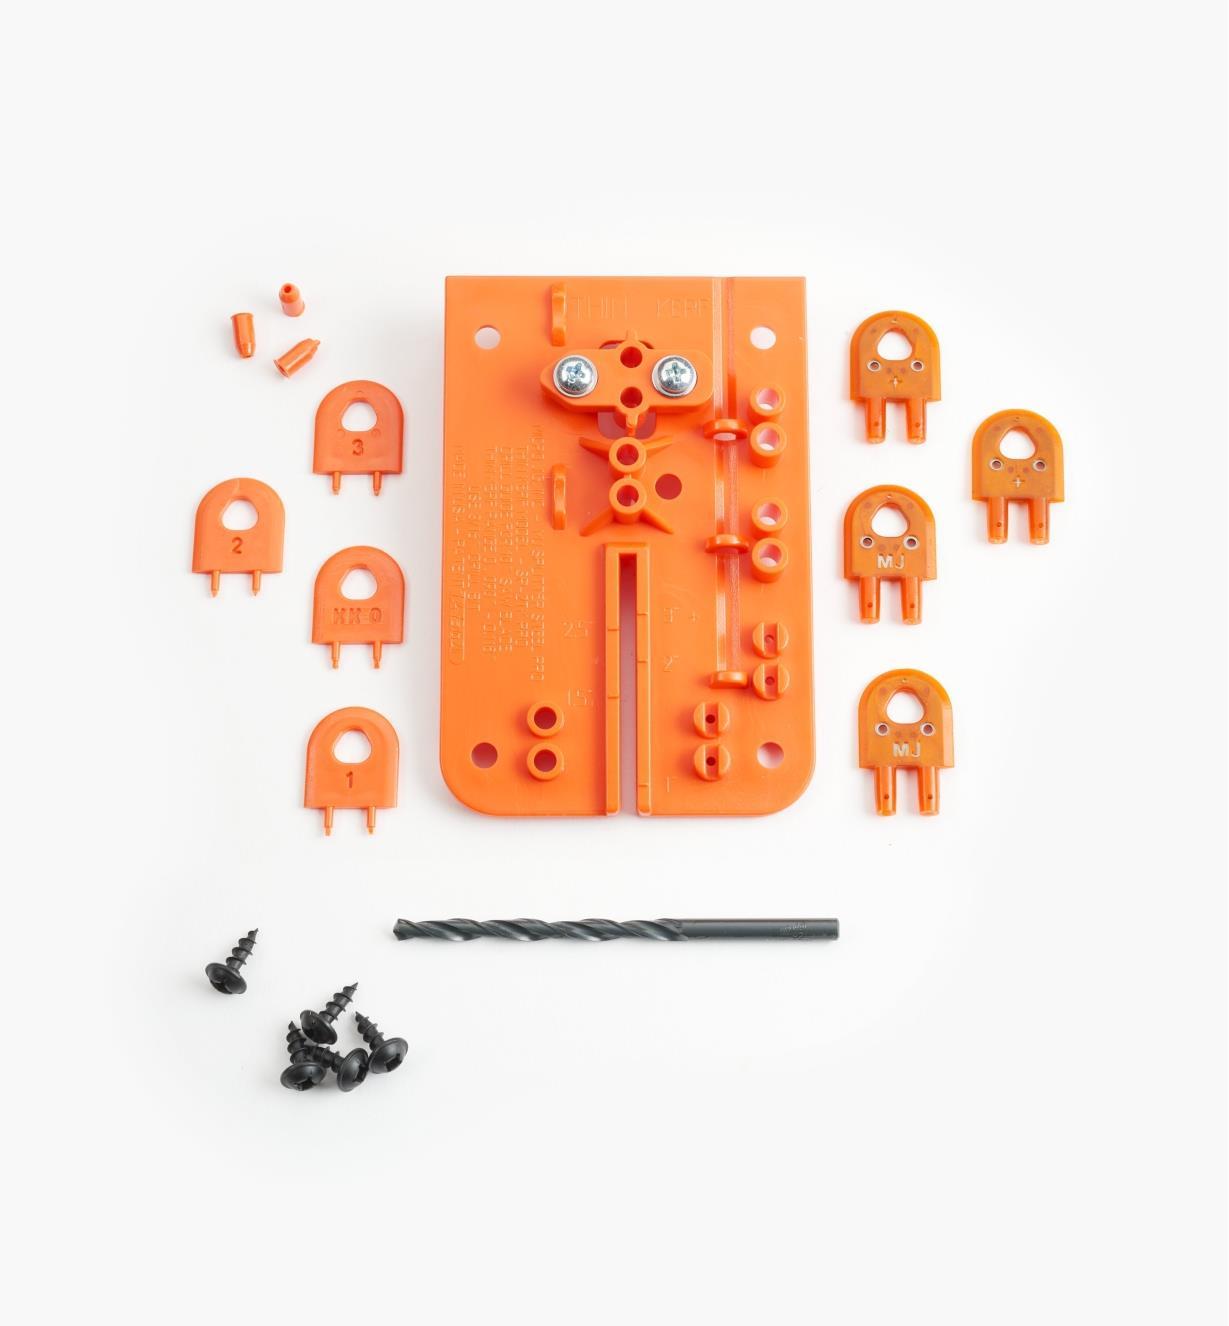 03J8026 - Couteaux diviseurs MicroJig pour professionnel, lames minces